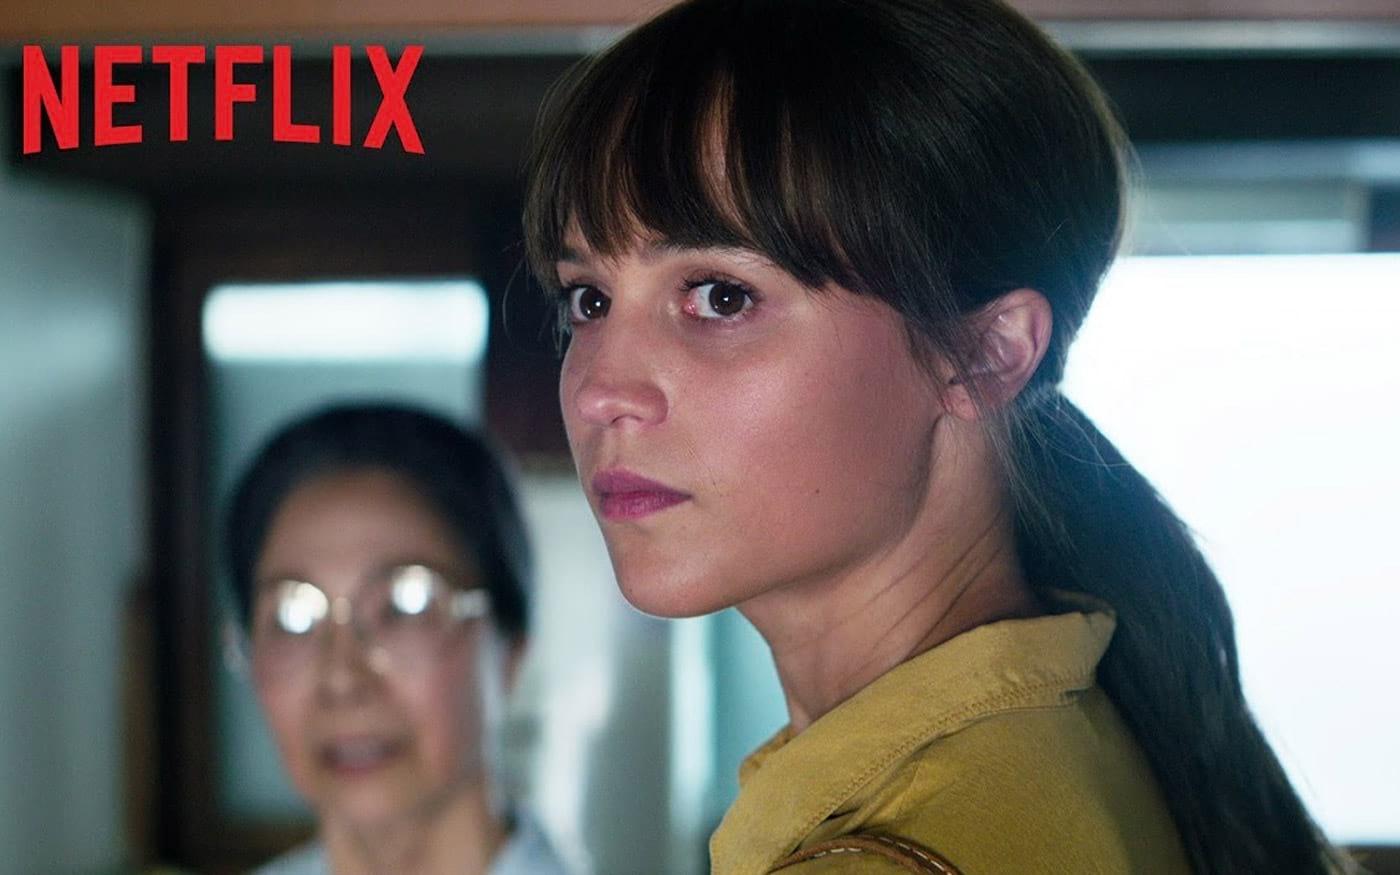 Lançamentos Netflix de novembro (10 a 16 de novembro)